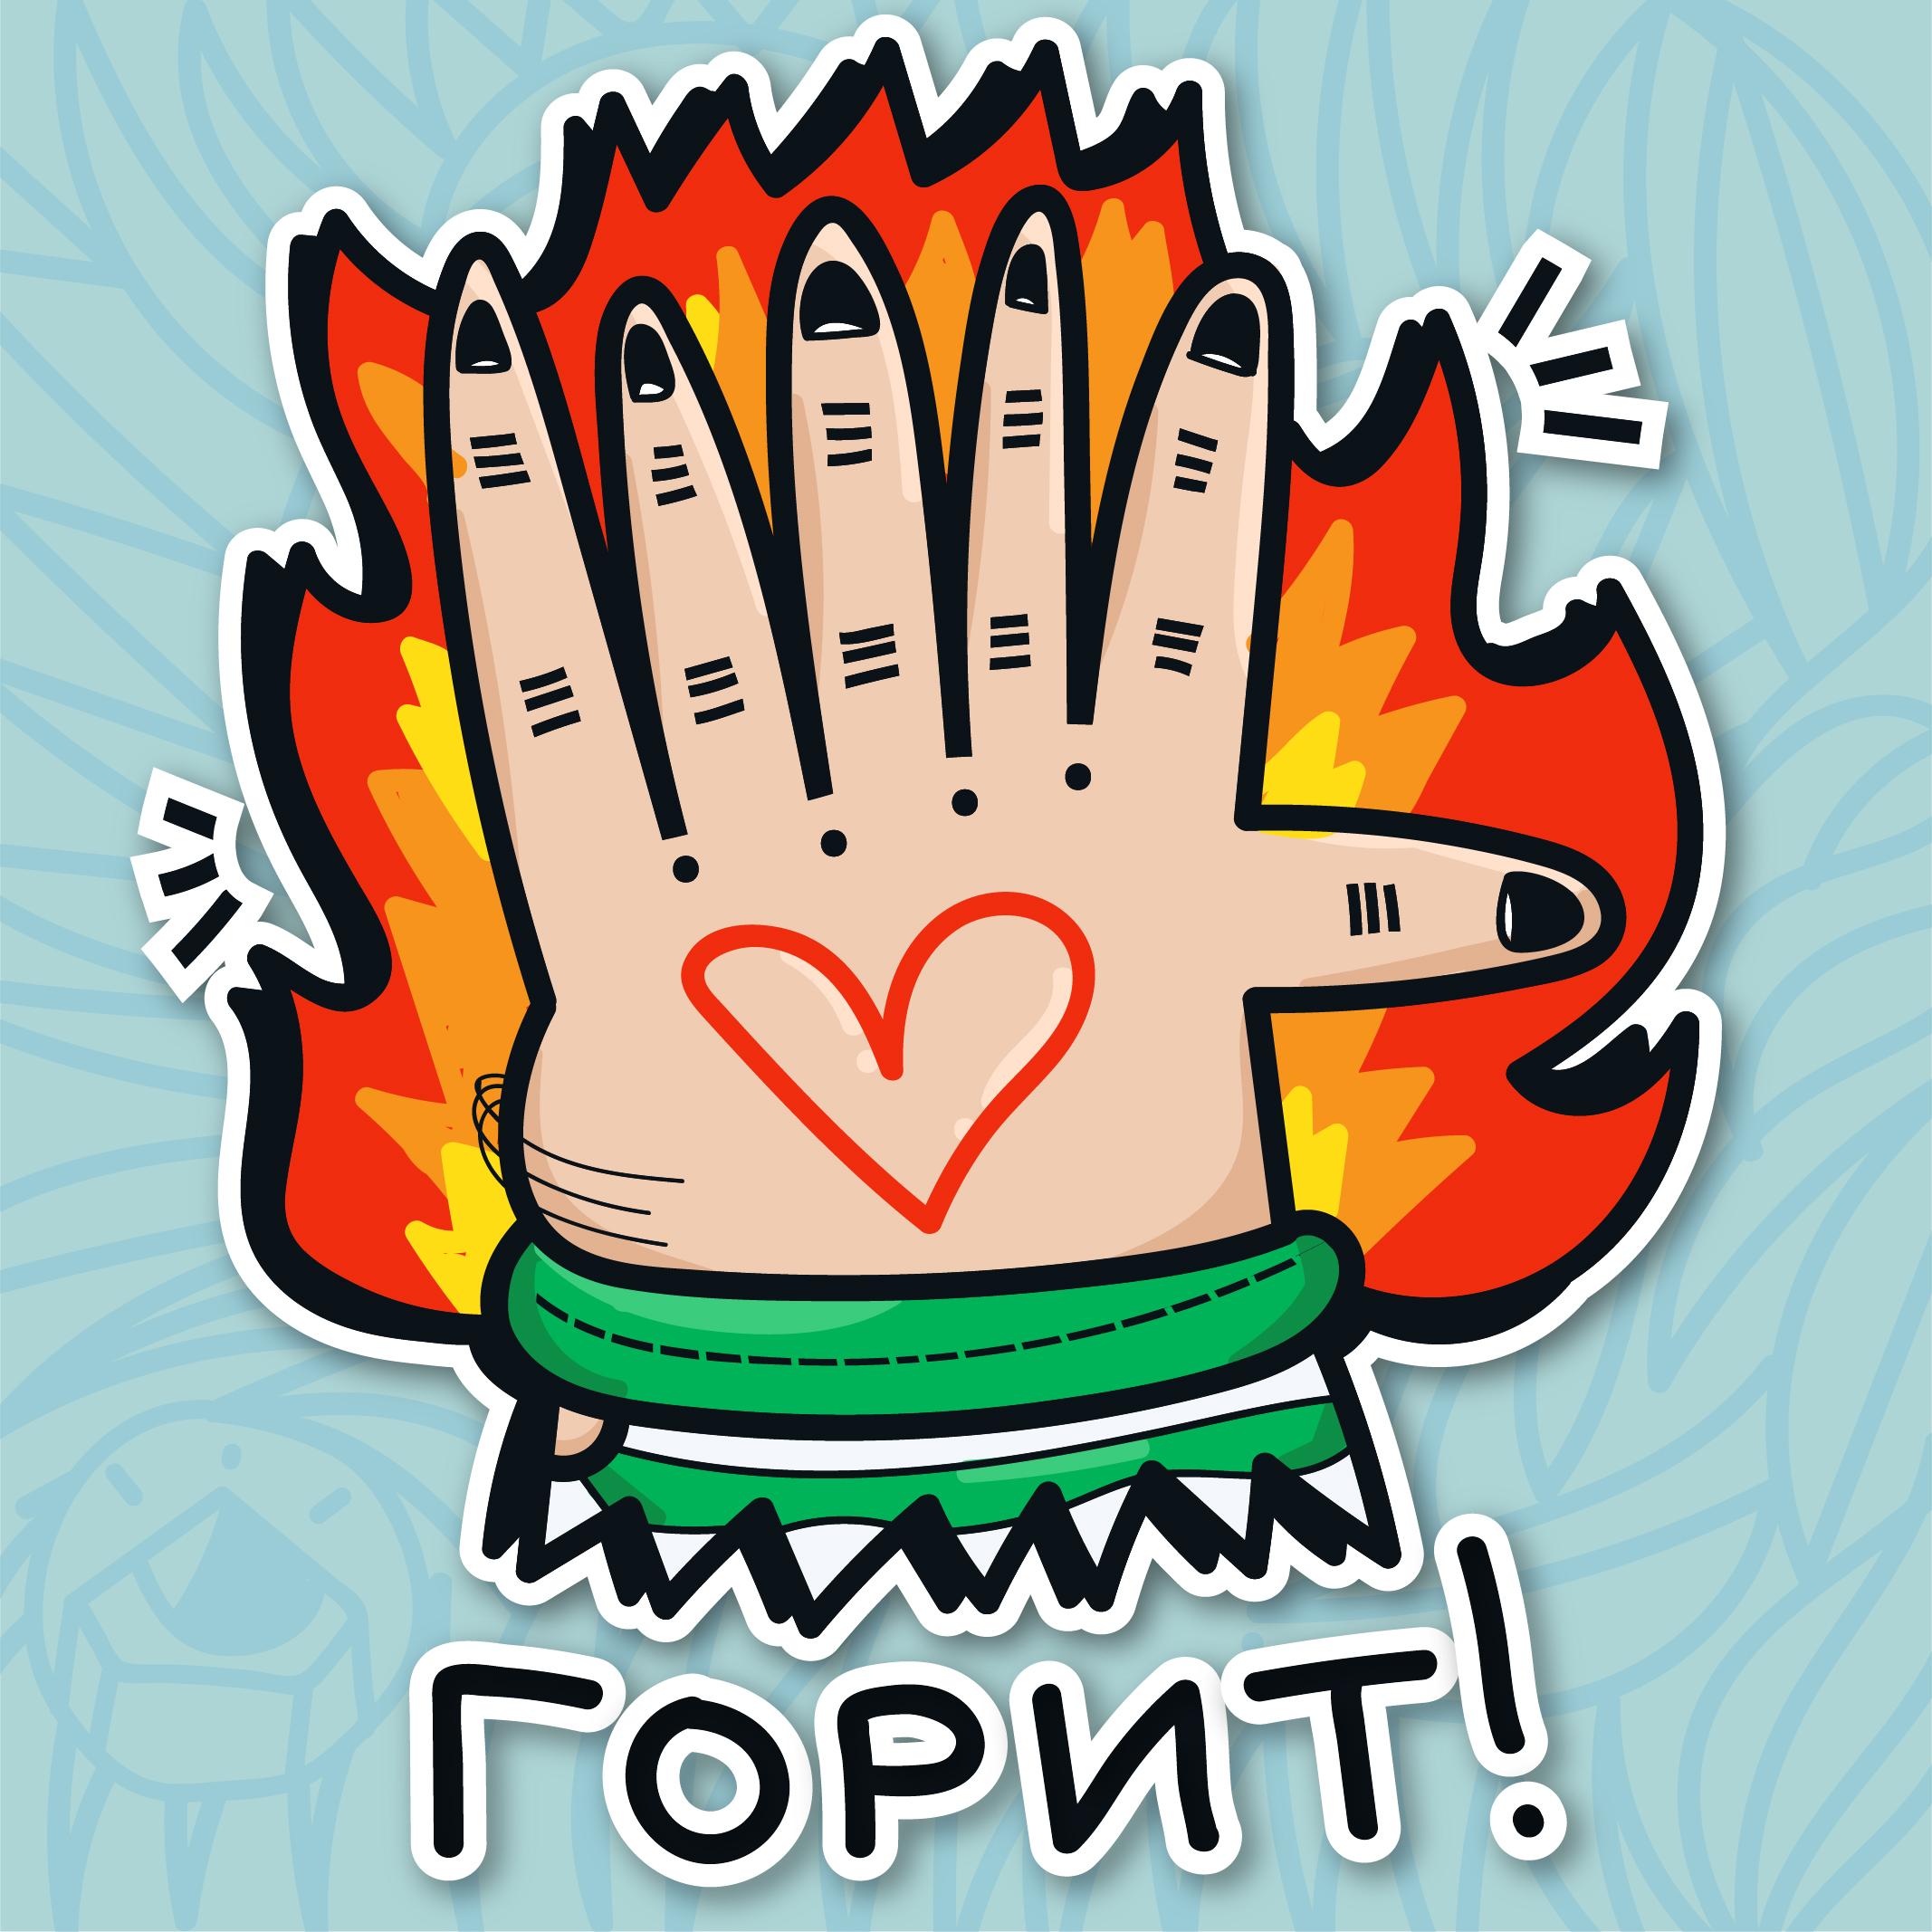 Стикерпаки на день фриланса для FL.ru фото f_6275cd7f81b7fdfe.jpg